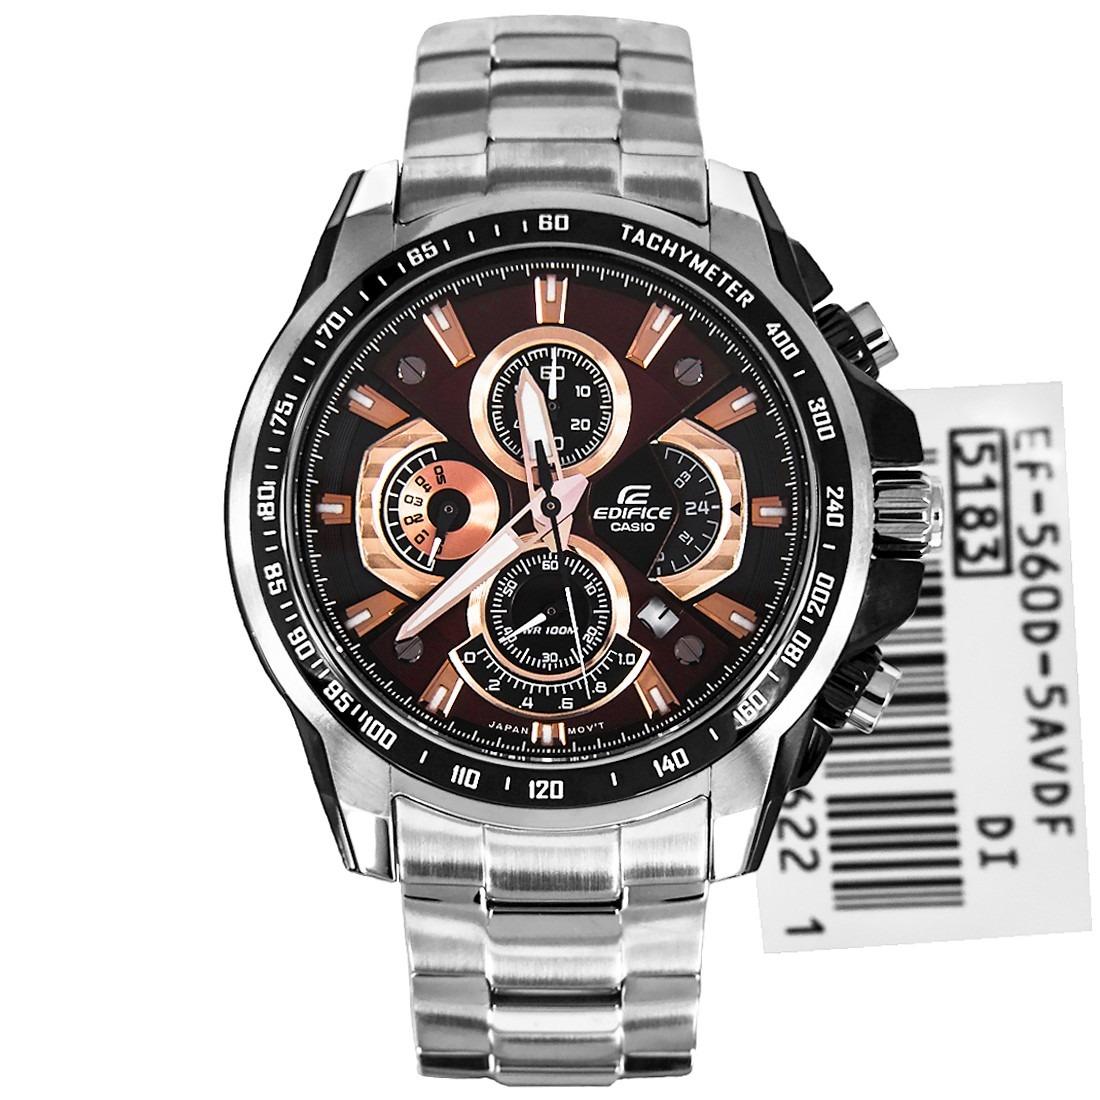 Reloj Casio Edifice Hombre Ef 560d 5a Envío Internacional